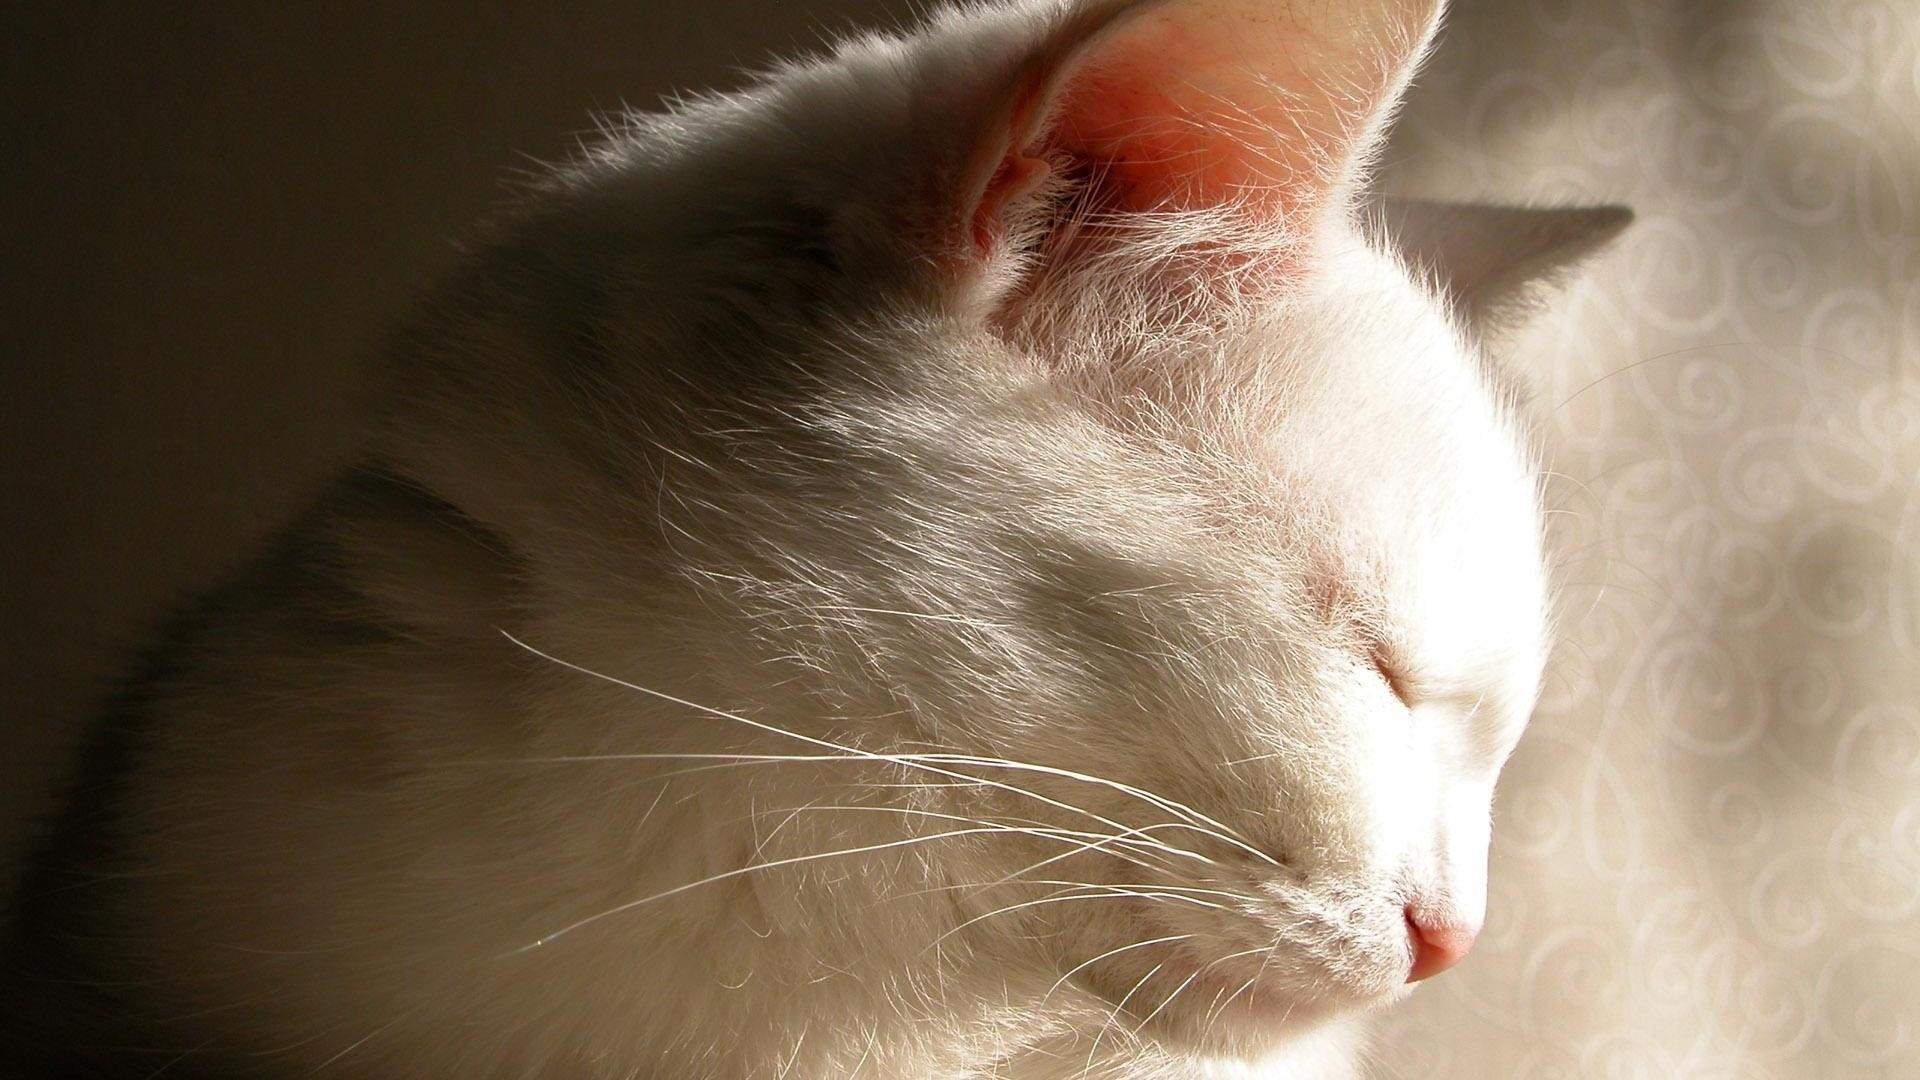 White Cat wallpaper for desktop